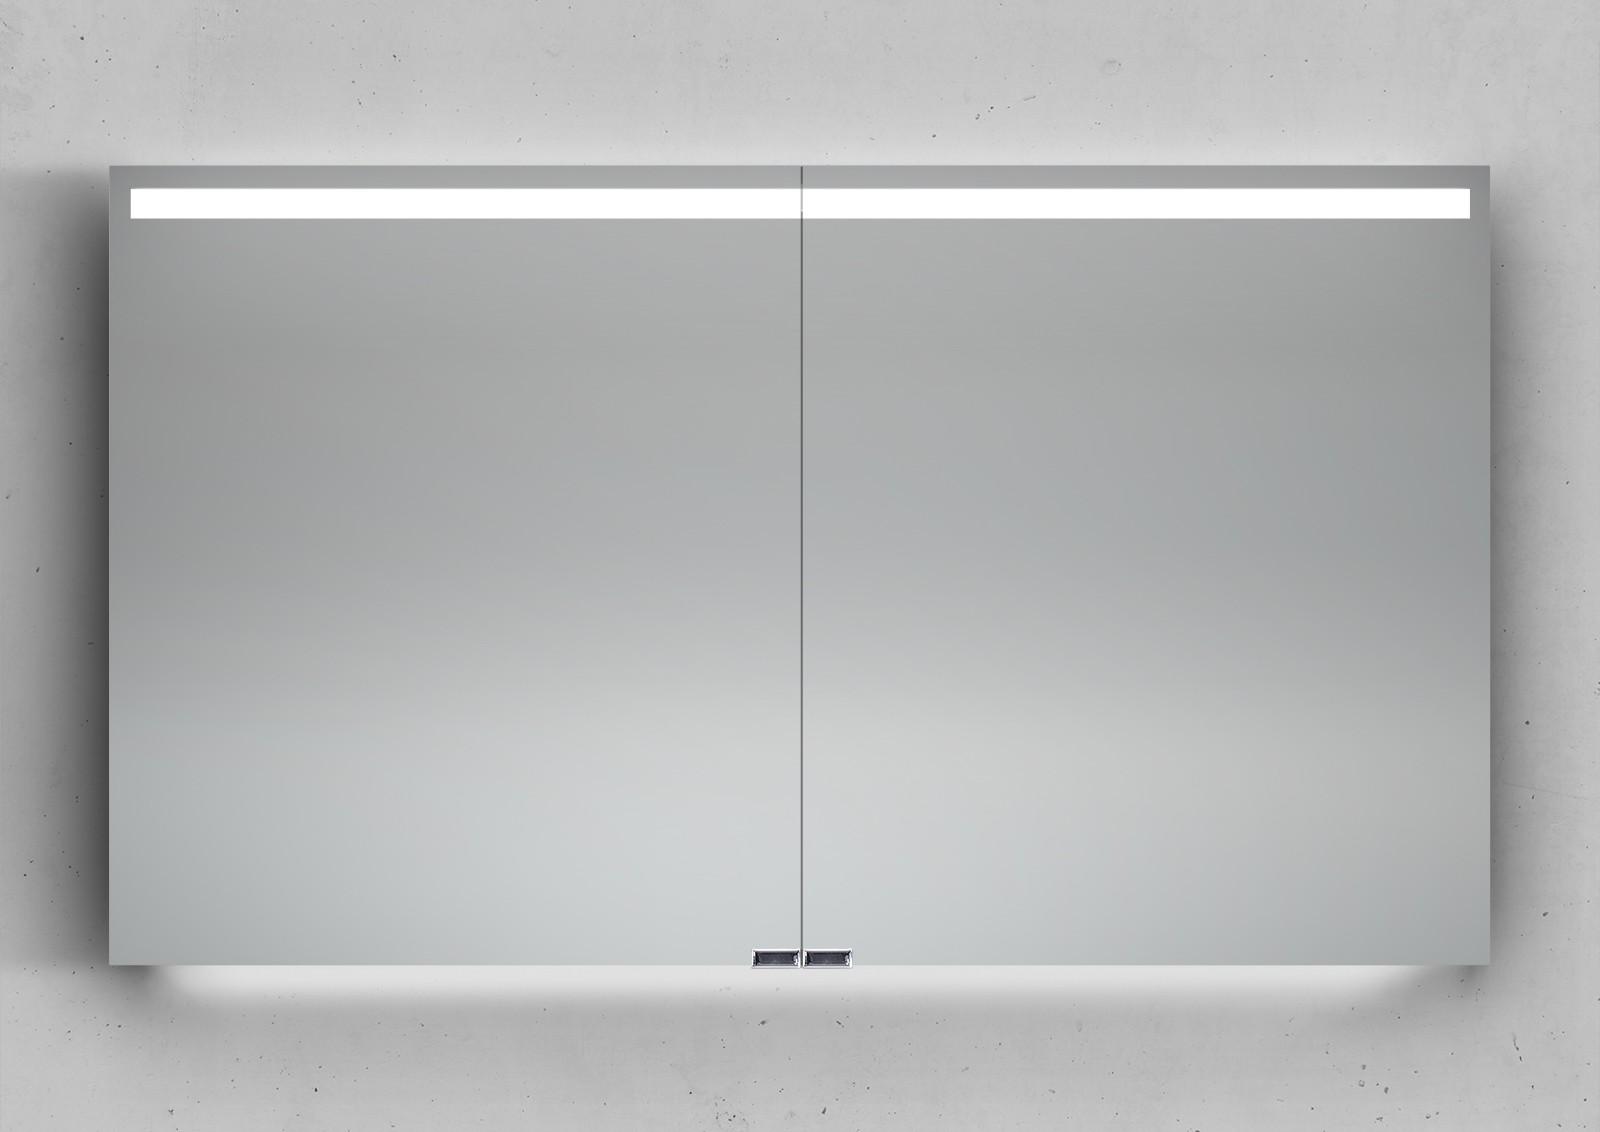 spiegelschrank 120 cm integrierte led beleuchtung doppelt. Black Bedroom Furniture Sets. Home Design Ideas